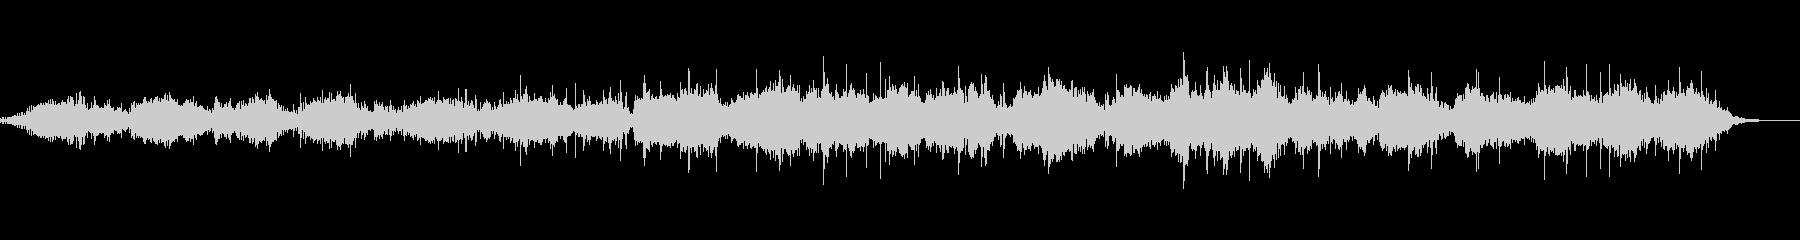 環境音とピアノの作品 ショートVer.の未再生の波形